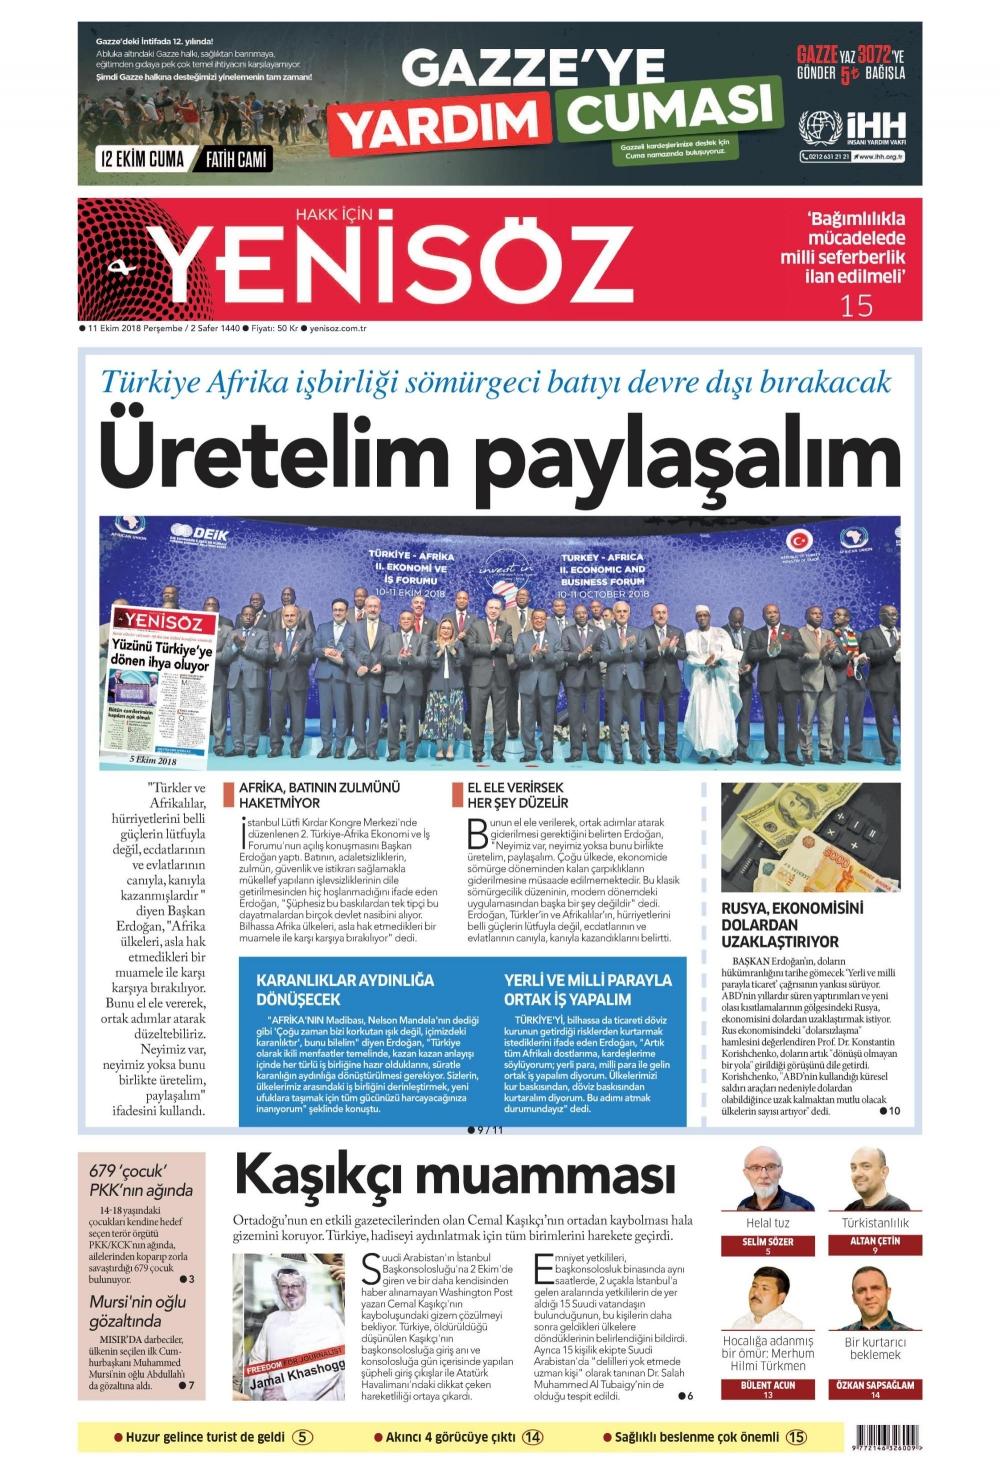 Günün gazete manşetleri (11.10.2018) 1